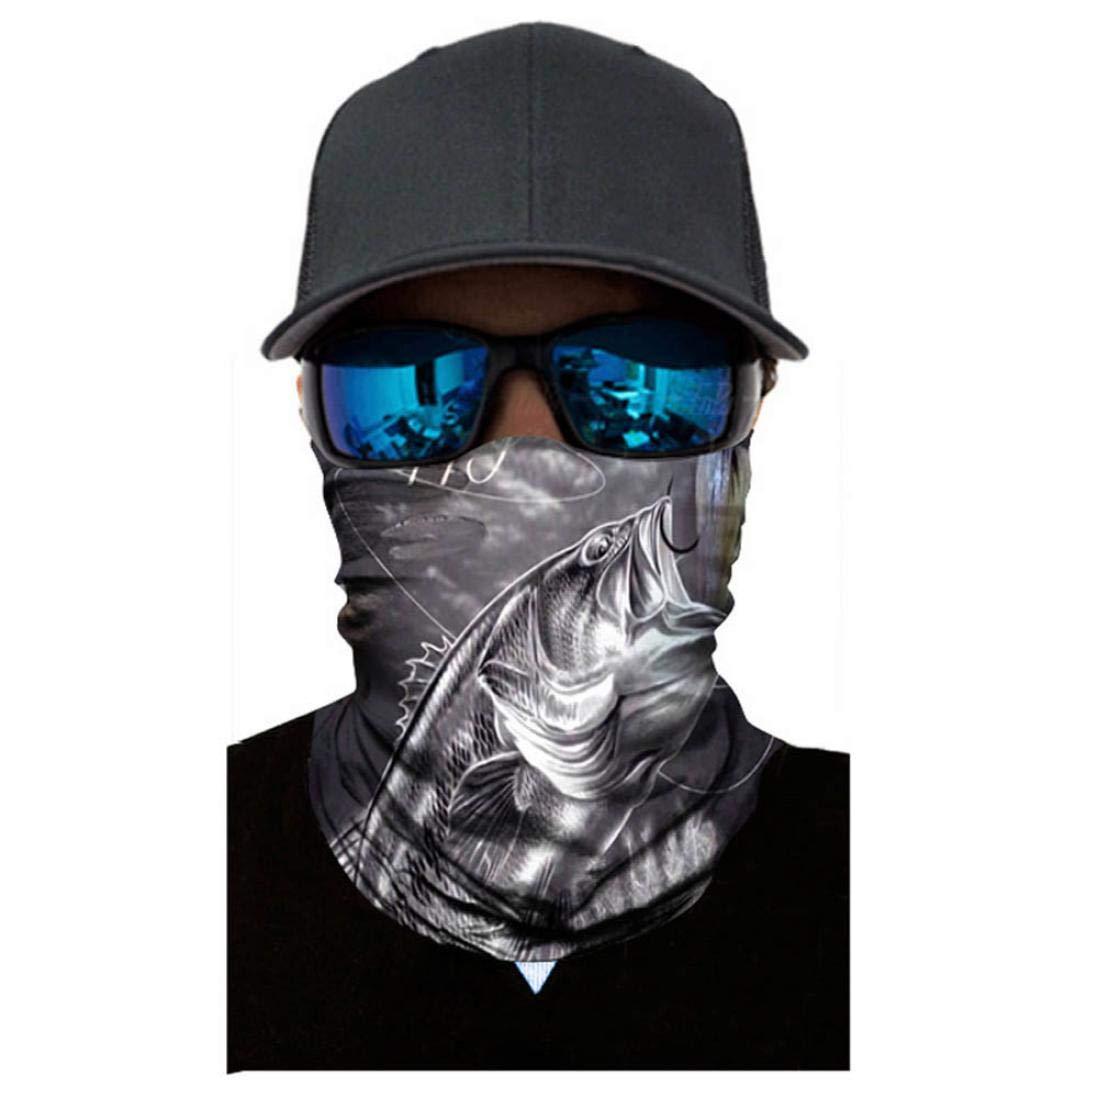 Unisex uomo donna equitazione antivento maschera, Mamum neutro esterni testa sciarpa collo antivento maschera di protezione solare con fascia taglia unica E